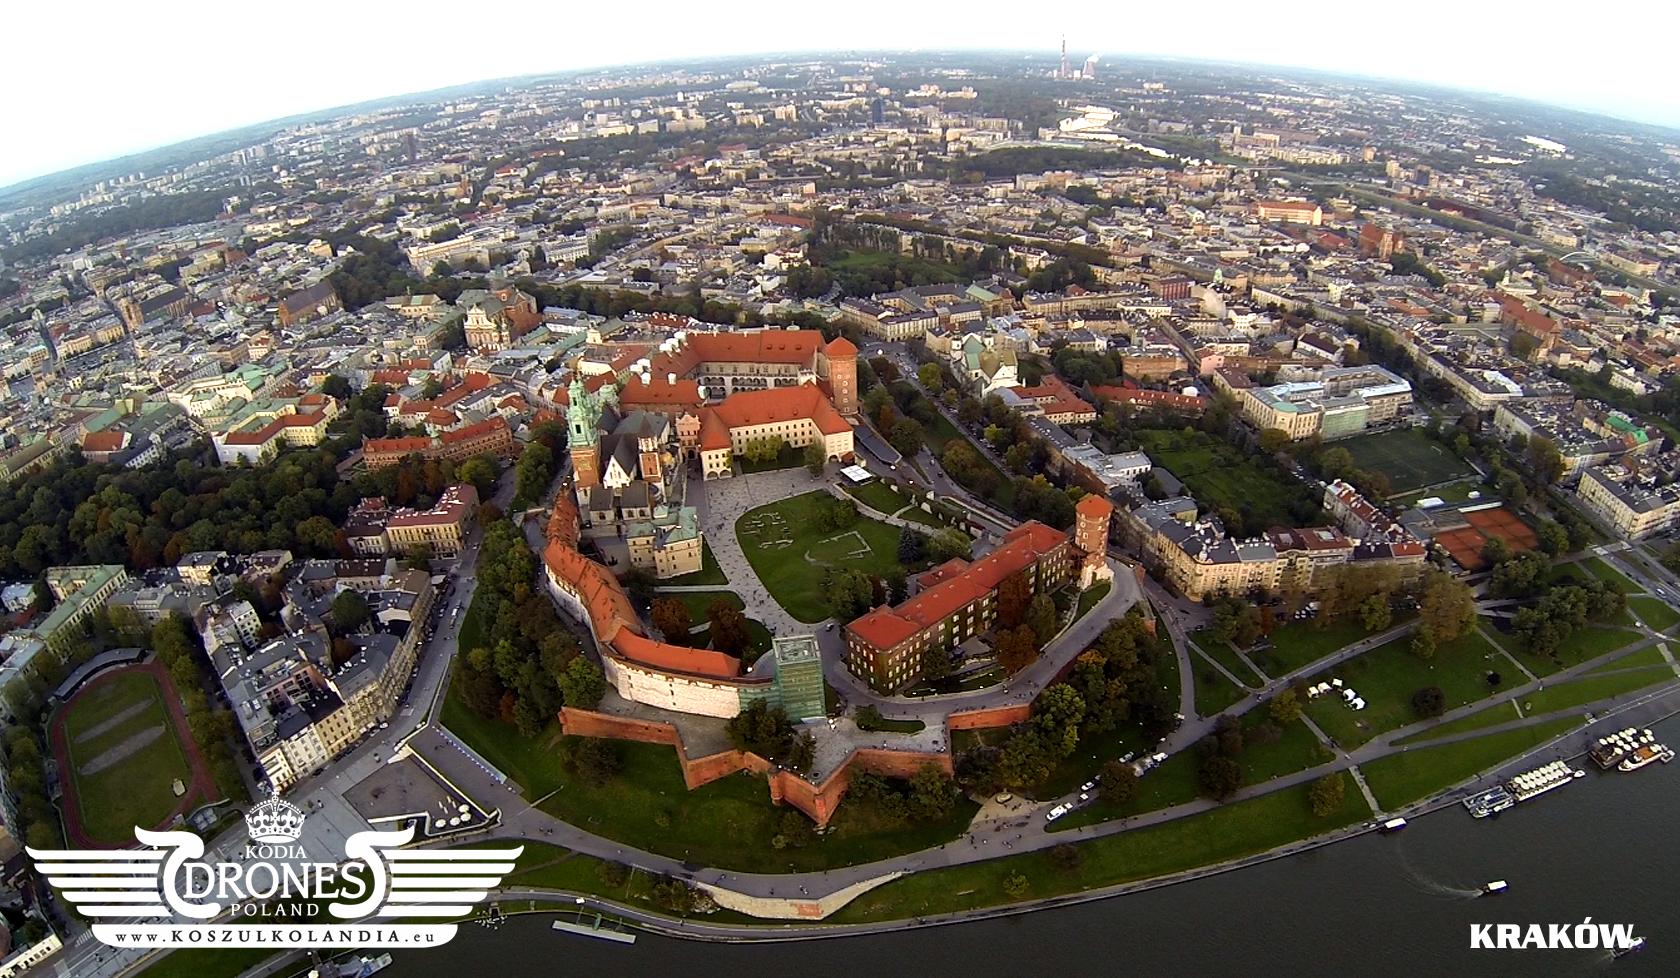 kraków wawel widok z lotu ptaka zamek krakowski